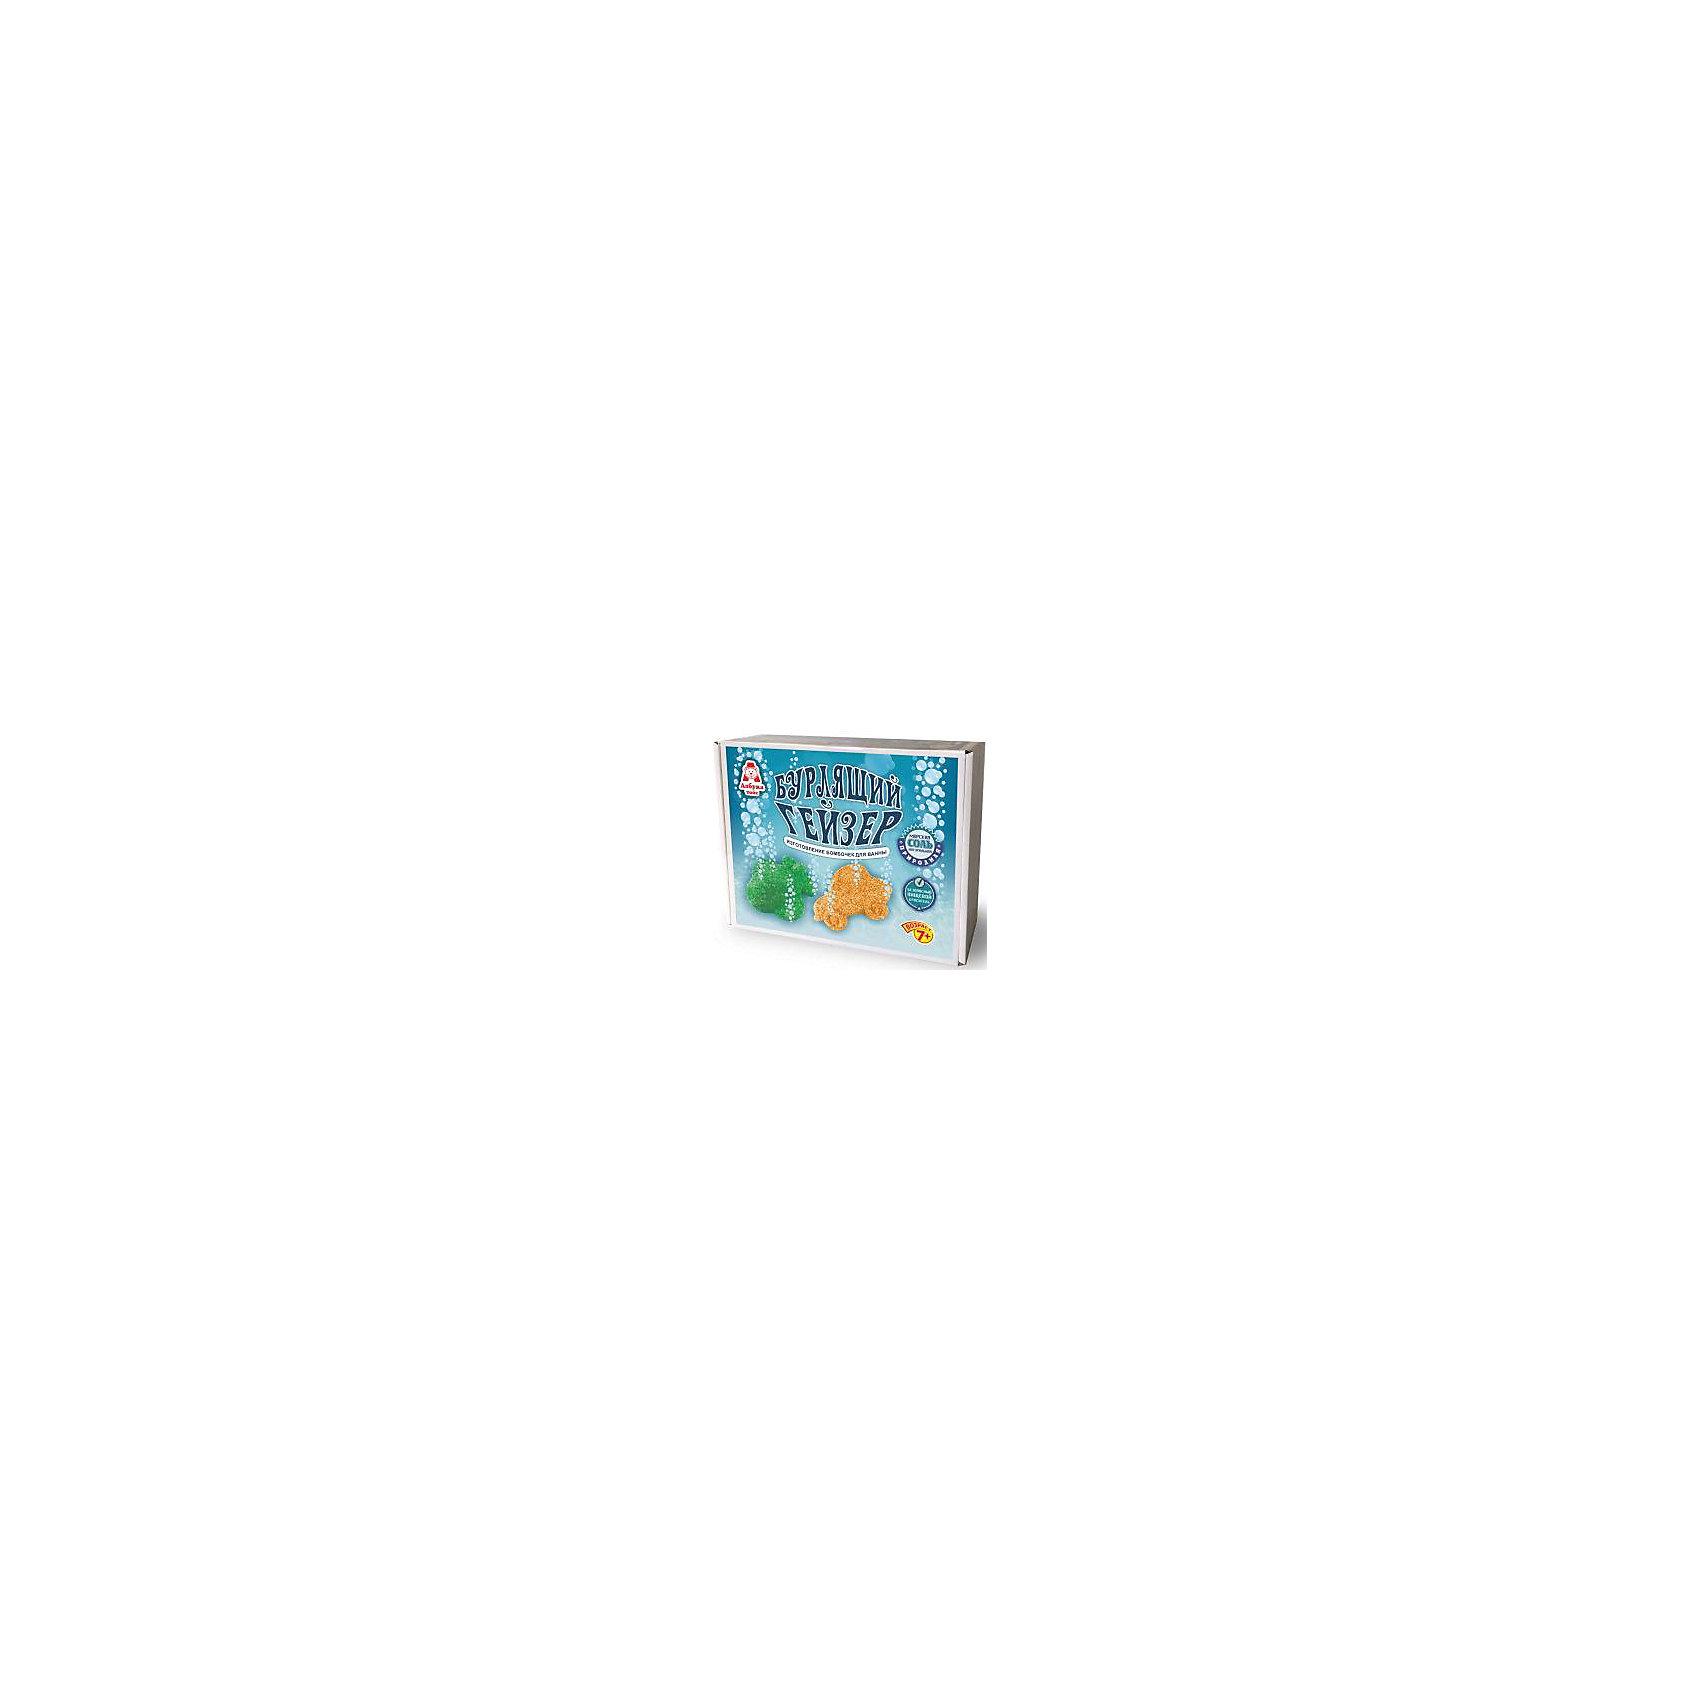 Бурлящий Гейзер Самолёт и МашинкаКосметика, грим и парфюмерия<br>Набор для изготовления бомбочек для ванны «Бурлящий гейзер»  в виде забавных фигурок,  включает в себя все необходимые материалы и инструменты, чтобы получились красивые солевые шипучки. В воде бомбочки превратятся в густую пену, в которой так приятно нежиться. &#13;<br>В состав набора входит: минеральная соль, сода, ложечка, лимонная кислота, контейнер, формочки, пищевой краситель, инструкция.&#13;<br>Для детей от 7 лет.&#13;<br>Изготовитель: ООО Азбука Тойс.&#13;<br>Сделано в России<br><br>Ширина мм: 220<br>Глубина мм: 170<br>Высота мм: 70<br>Вес г: 478<br>Возраст от месяцев: 60<br>Возраст до месяцев: 2147483647<br>Пол: Унисекс<br>Возраст: Детский<br>SKU: 5540677